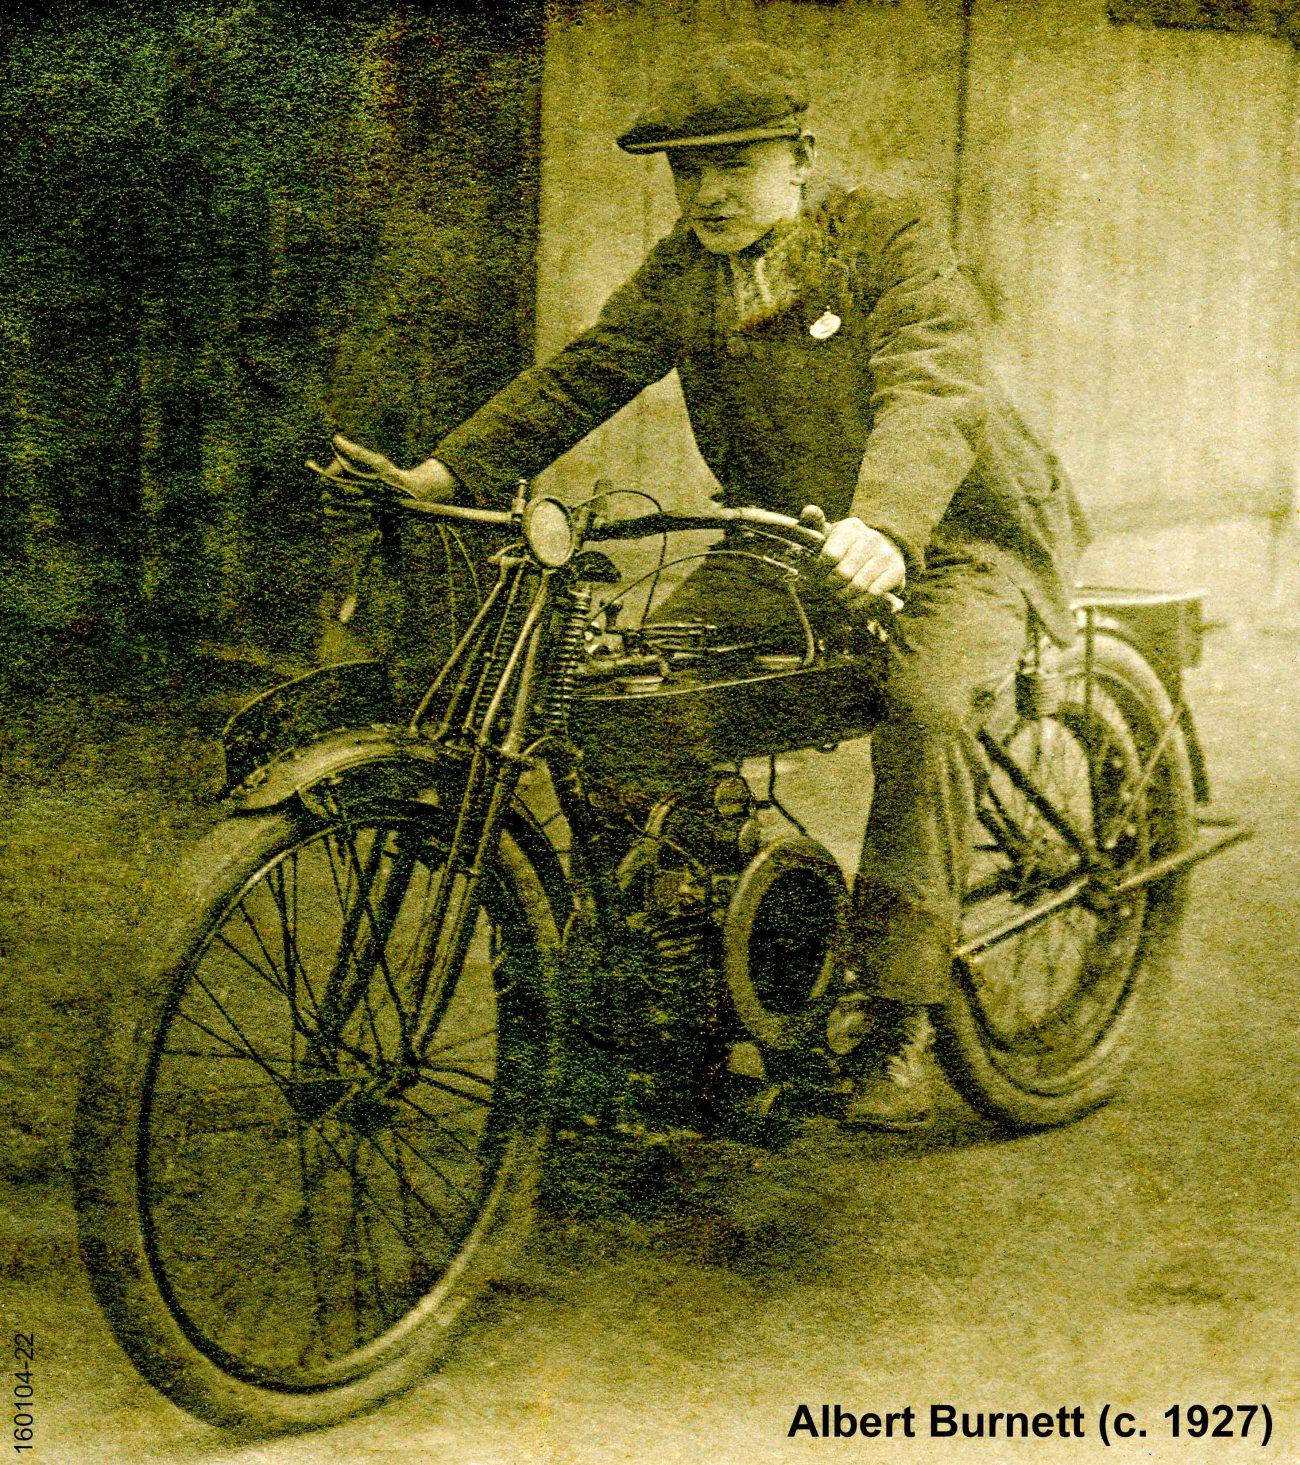 Family Archives (1601) : Albert Burnett on Motorcycle (c. 1927)